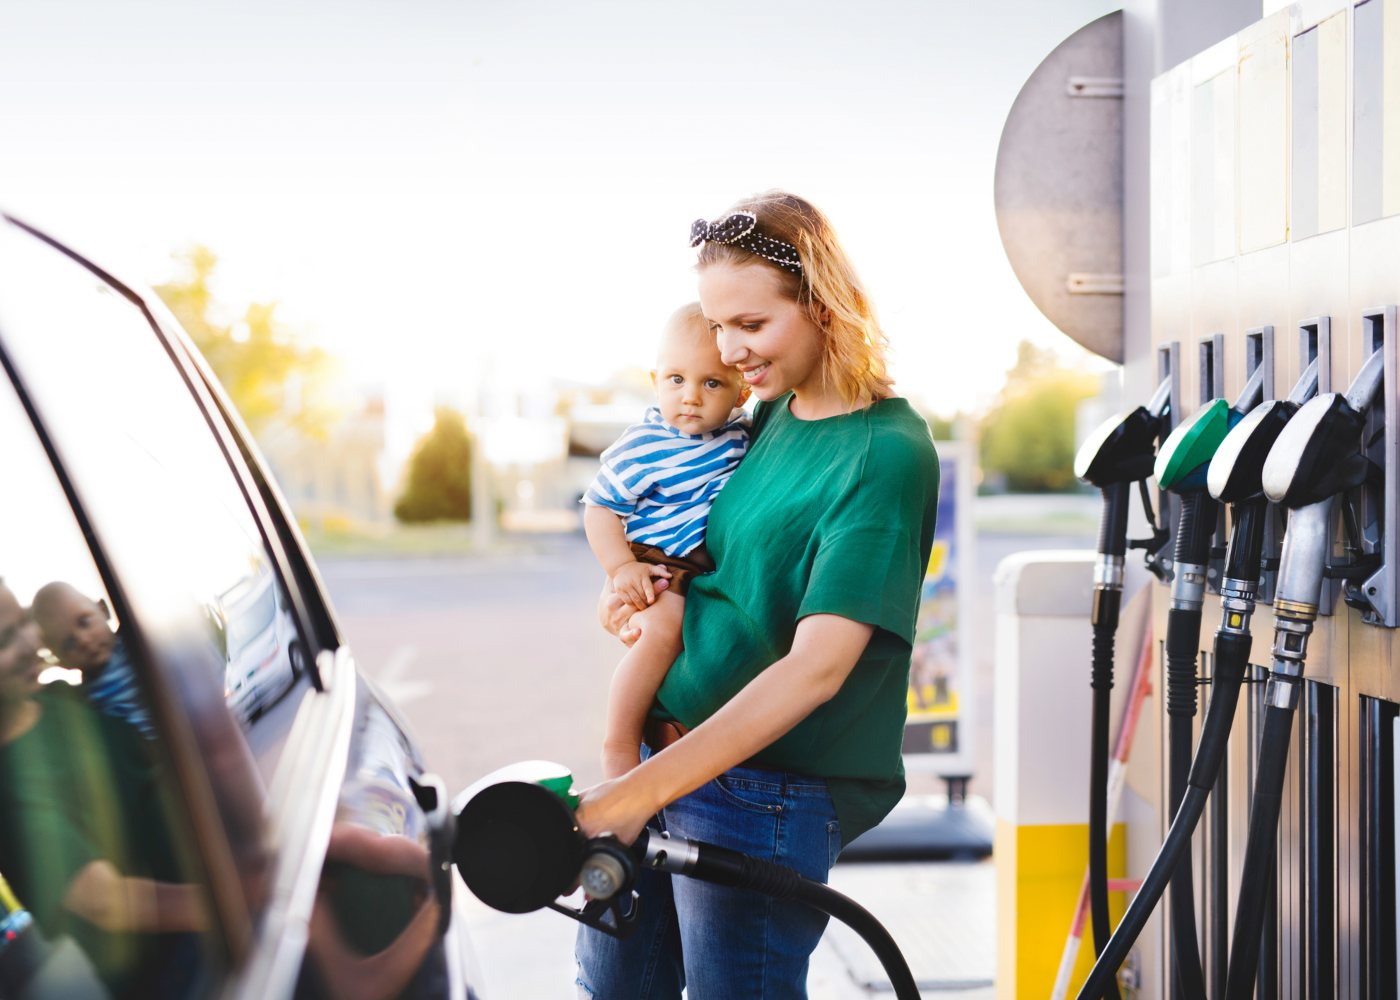 mulher a abastecer carro com combustíveis low cost, um dos mitos sobre automóveis